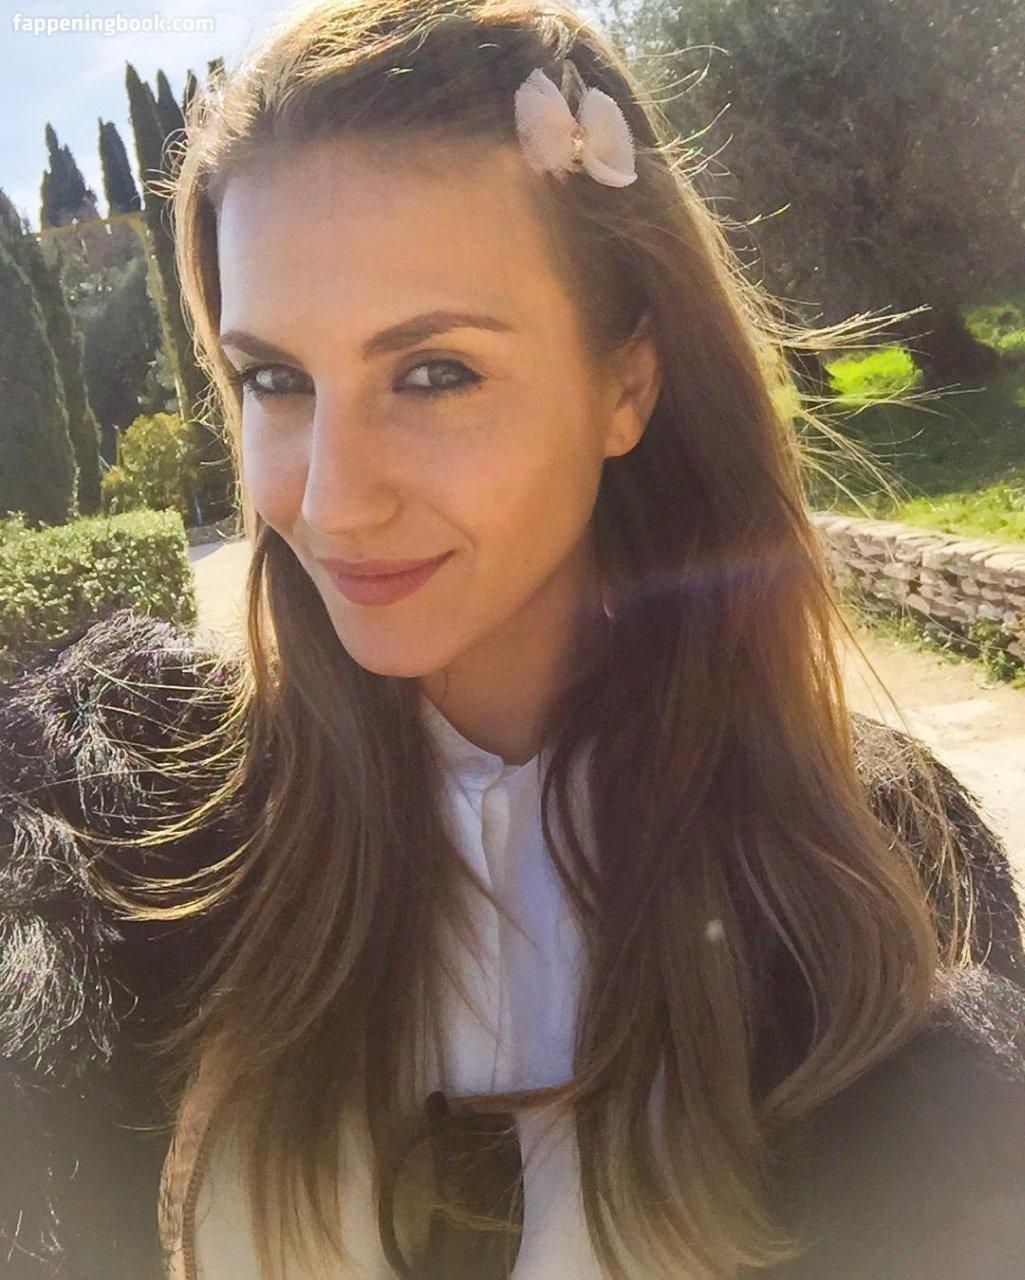 Jacqueline  nackt Mariella 41 Hot